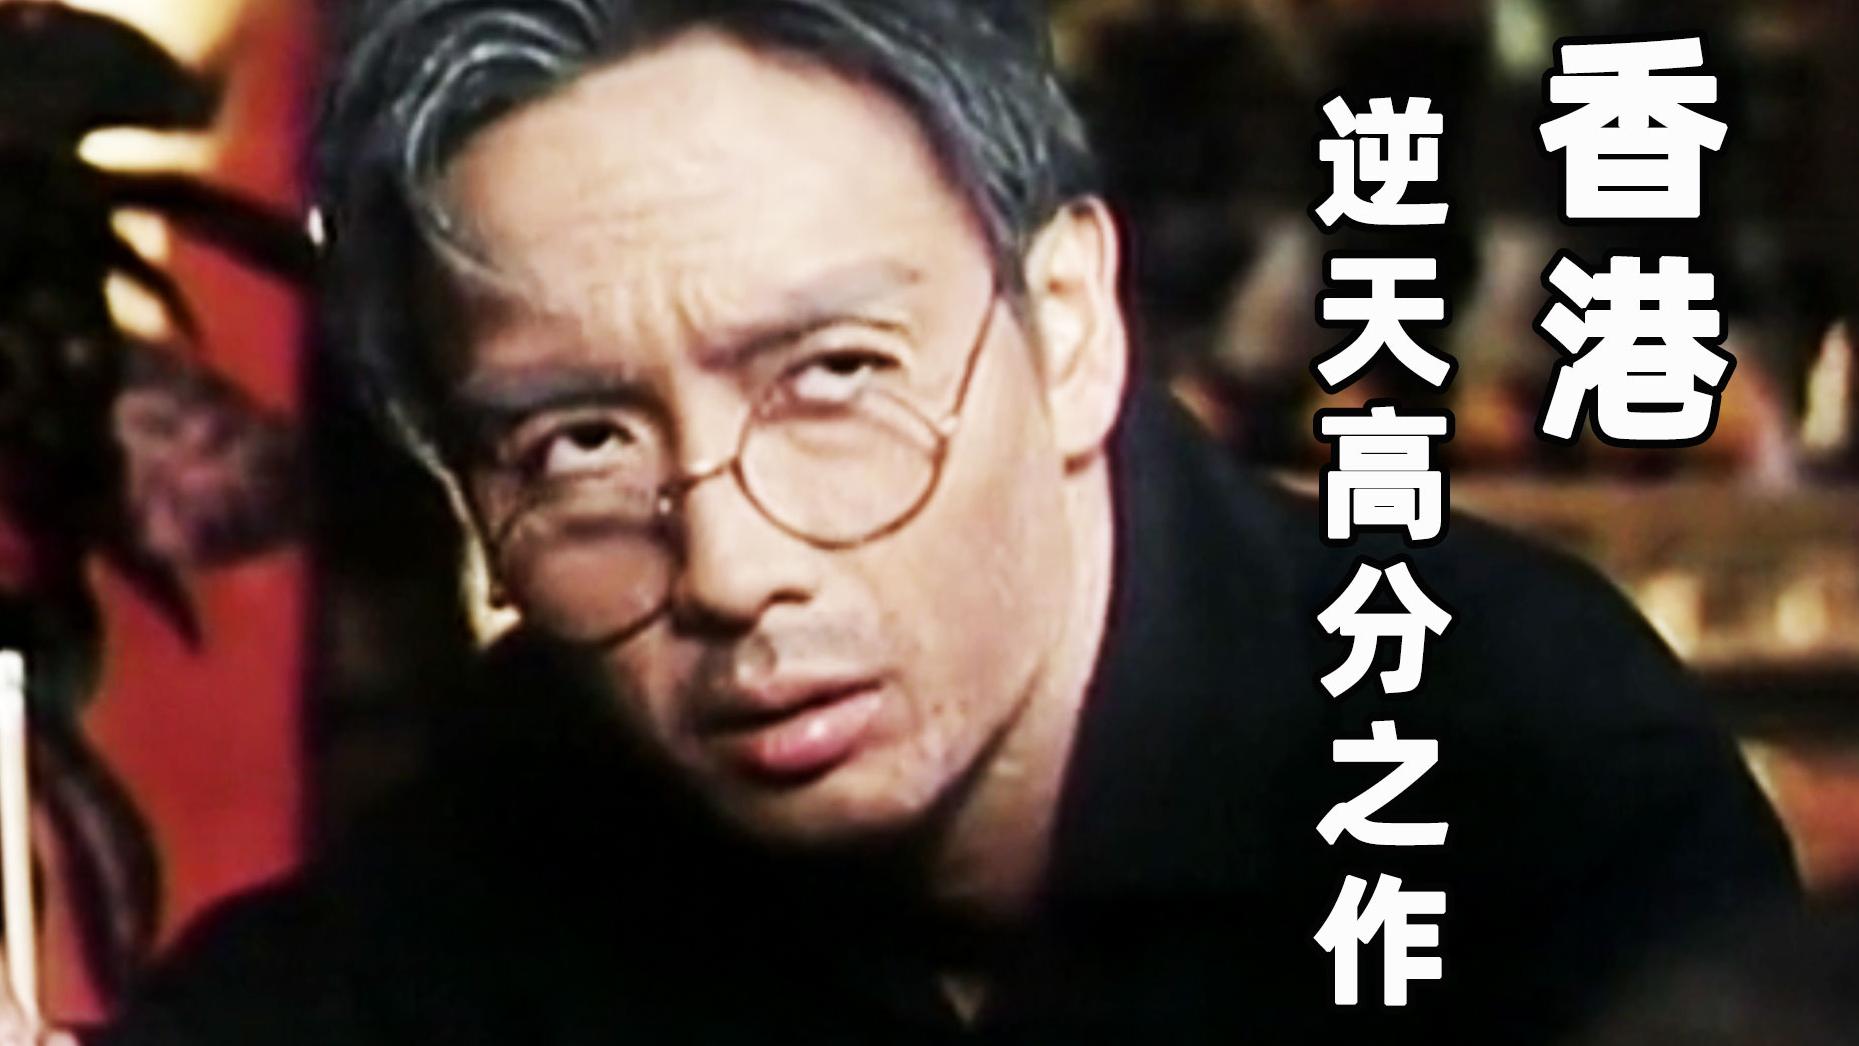 直到今天我才知道,原来香港拍出过如此逆天高分的电影